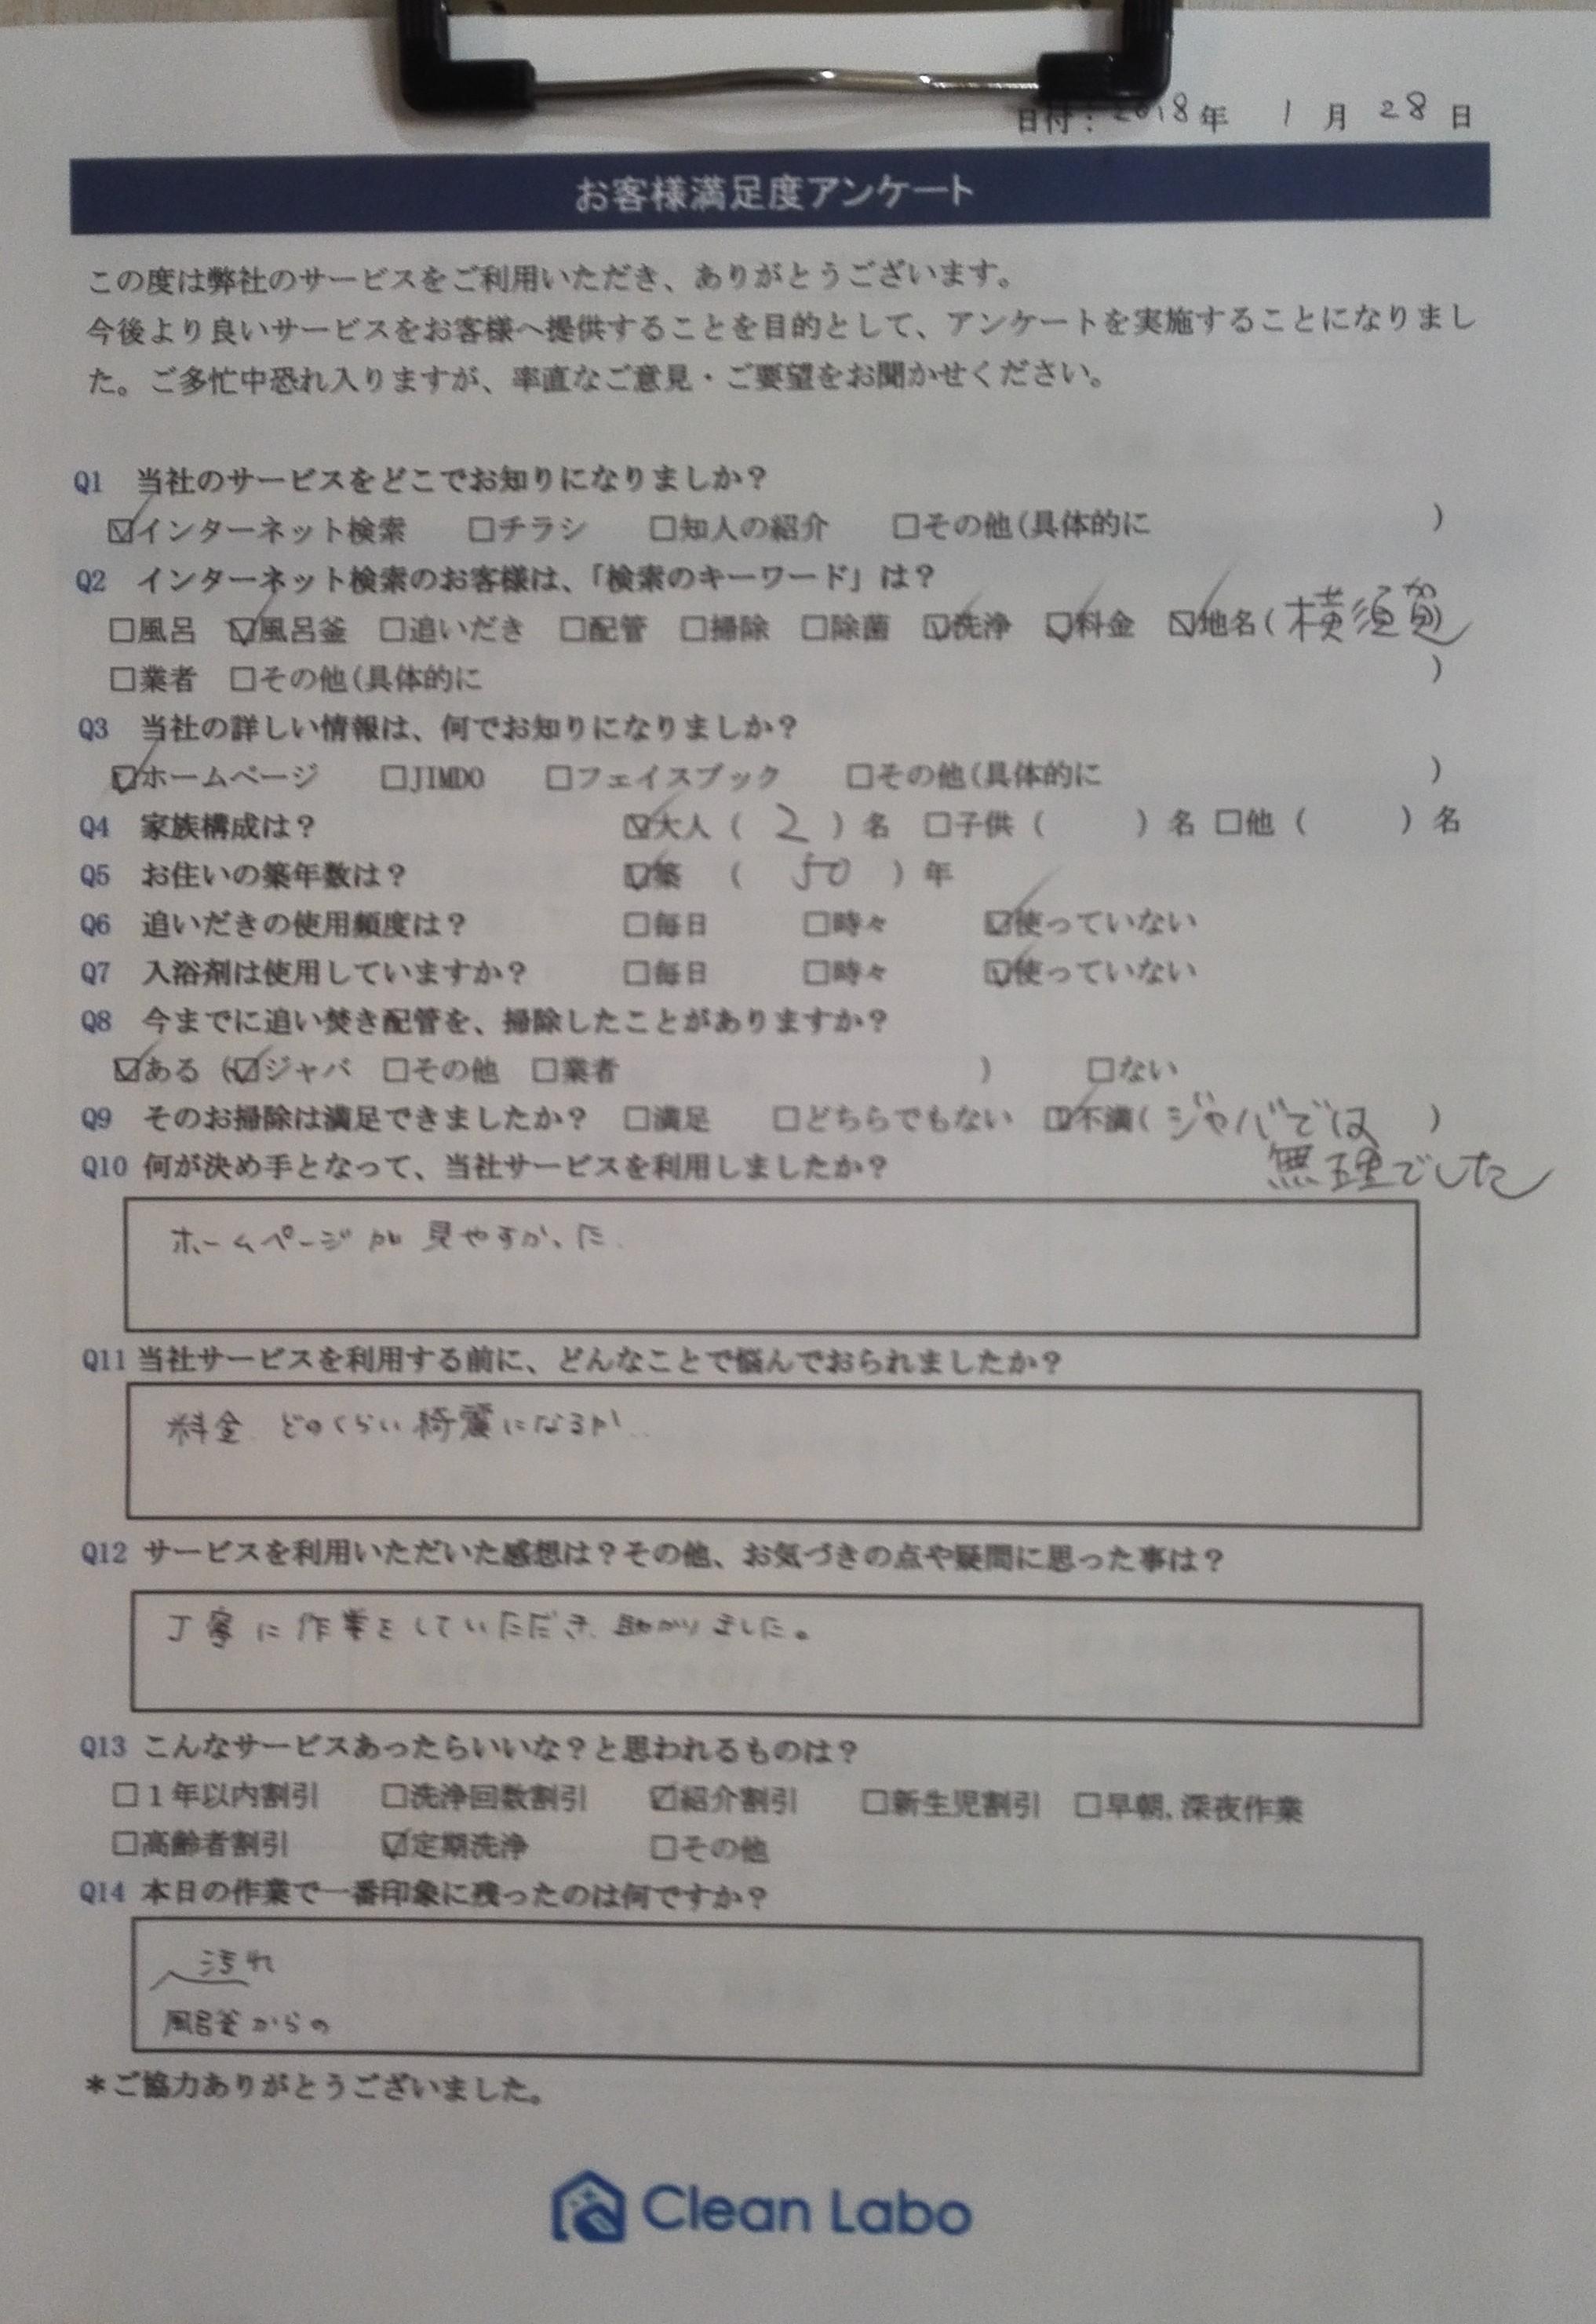 横須賀市T様アンケート